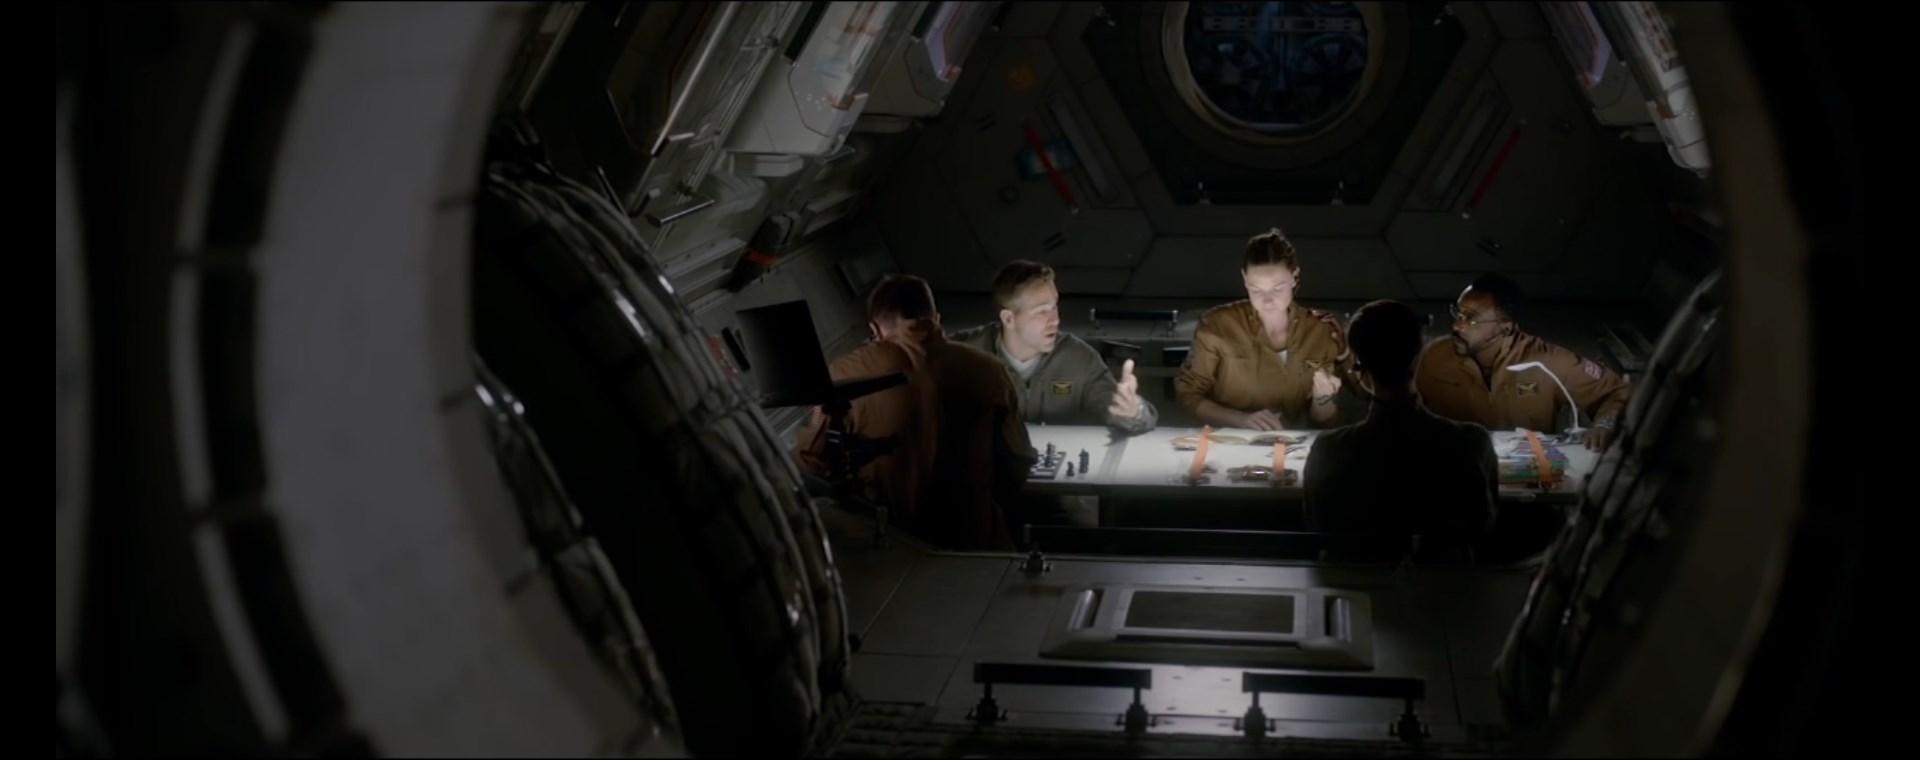 Bild aus dem Film: Life (2017)